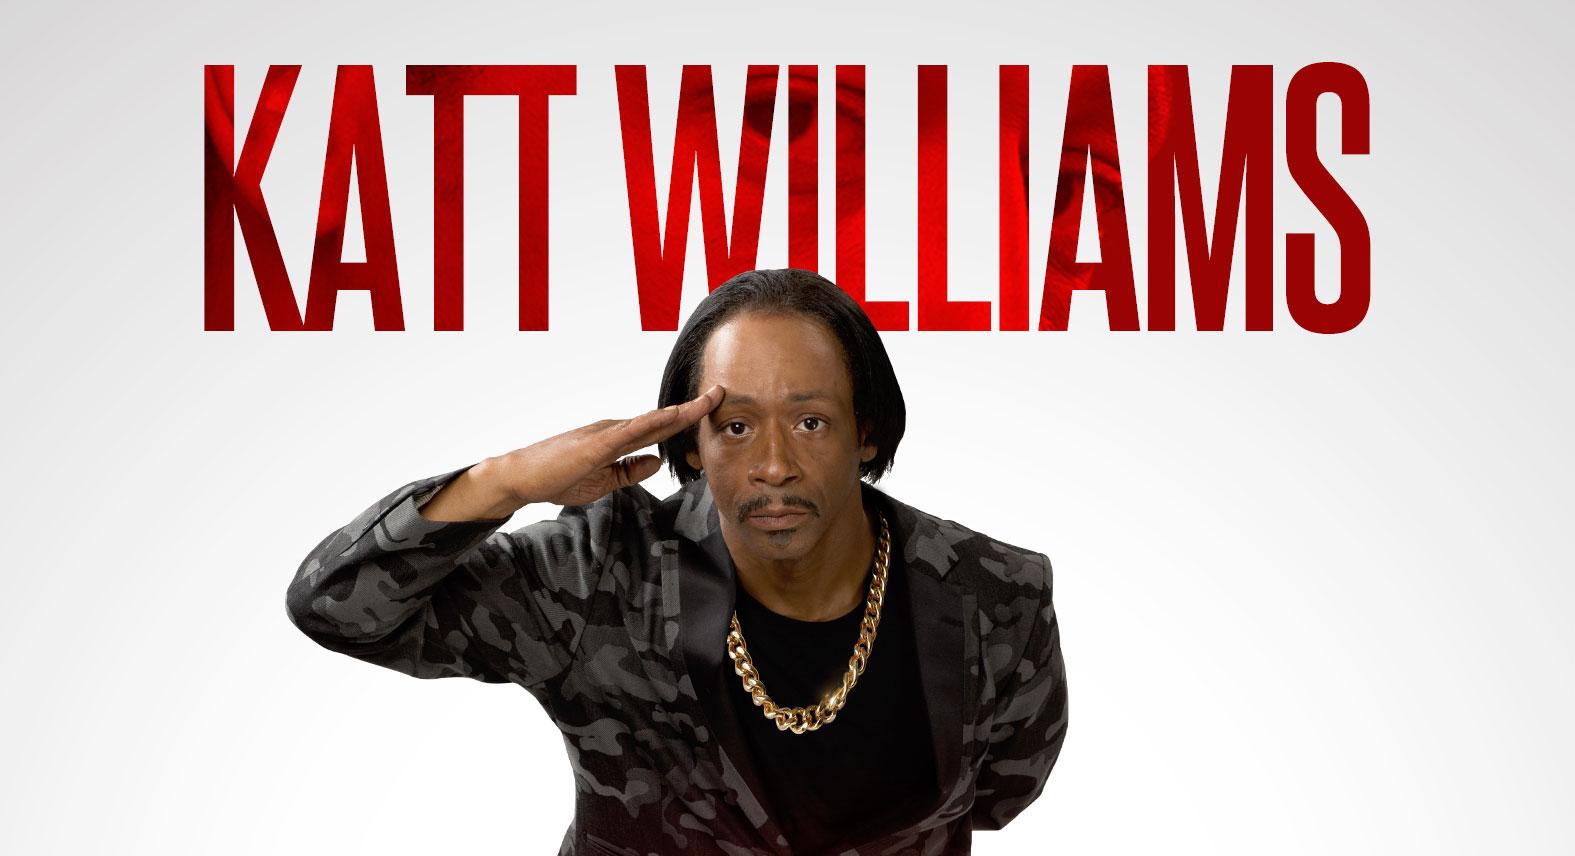 KattWilliams2015_Thumb.jpg